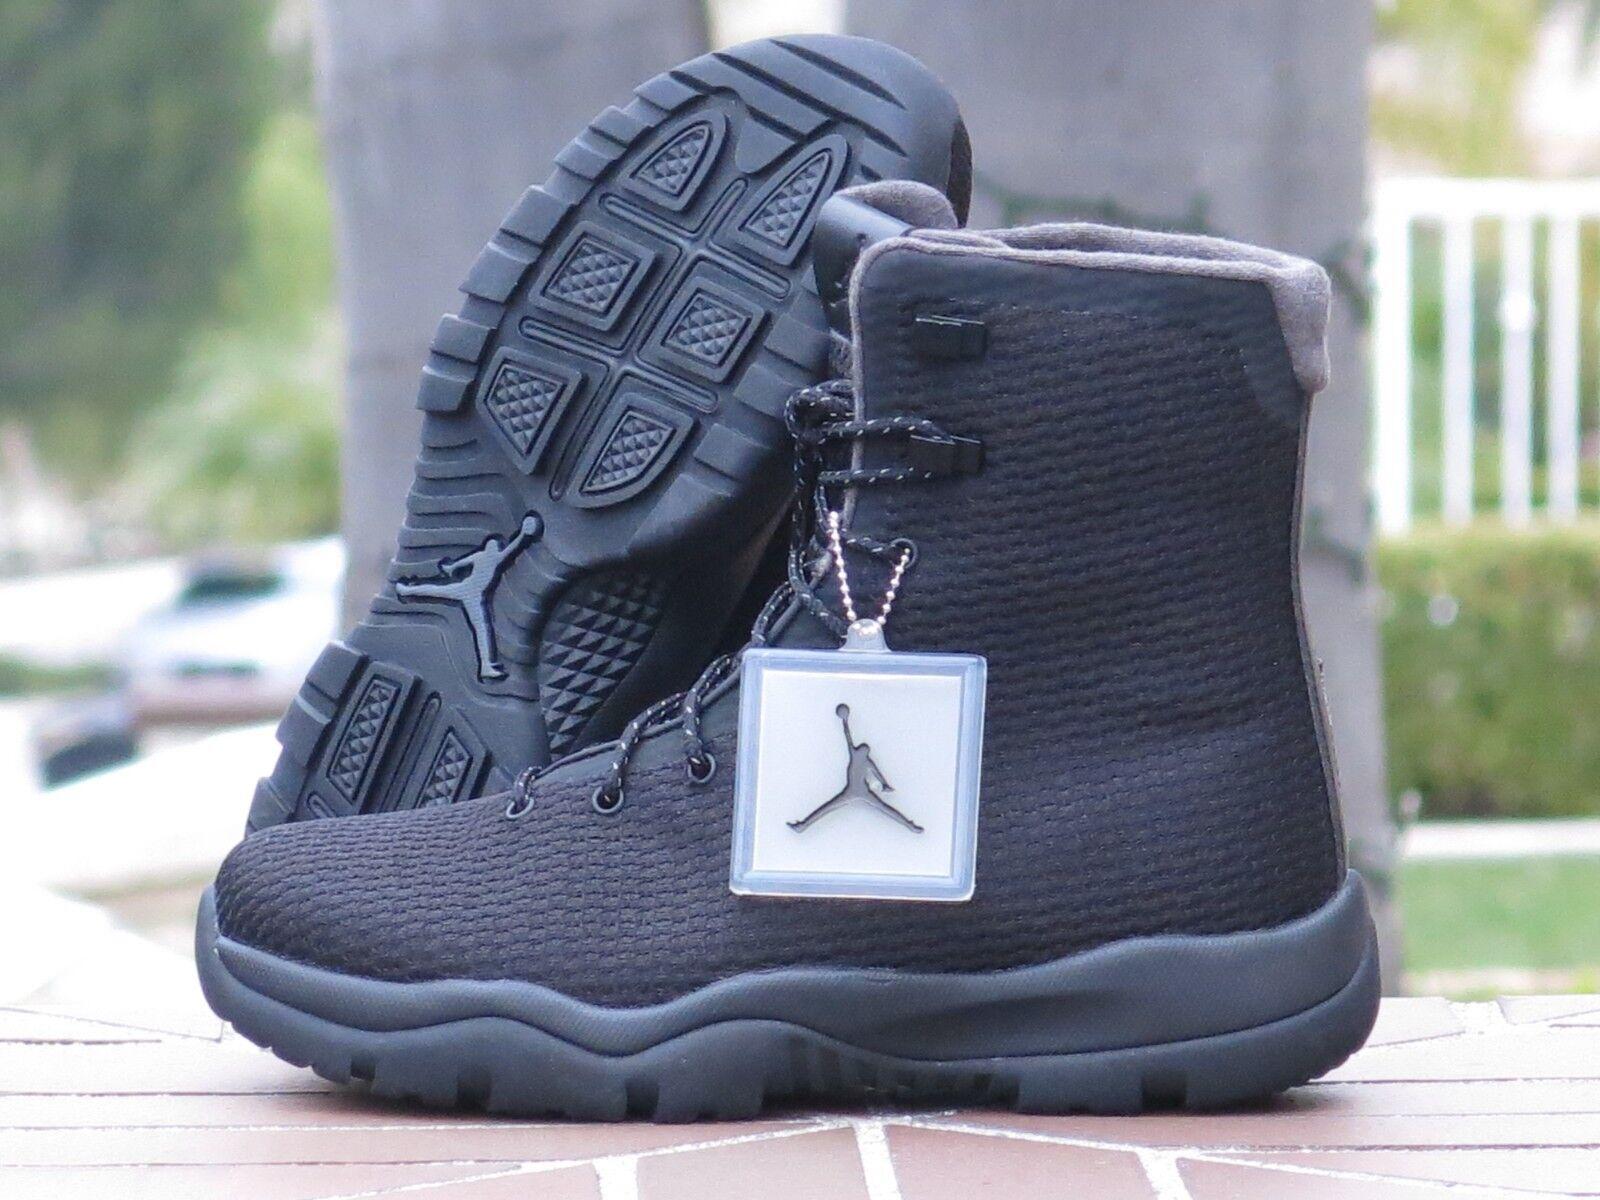 Nike Jordan Future Boot Men's Fashion